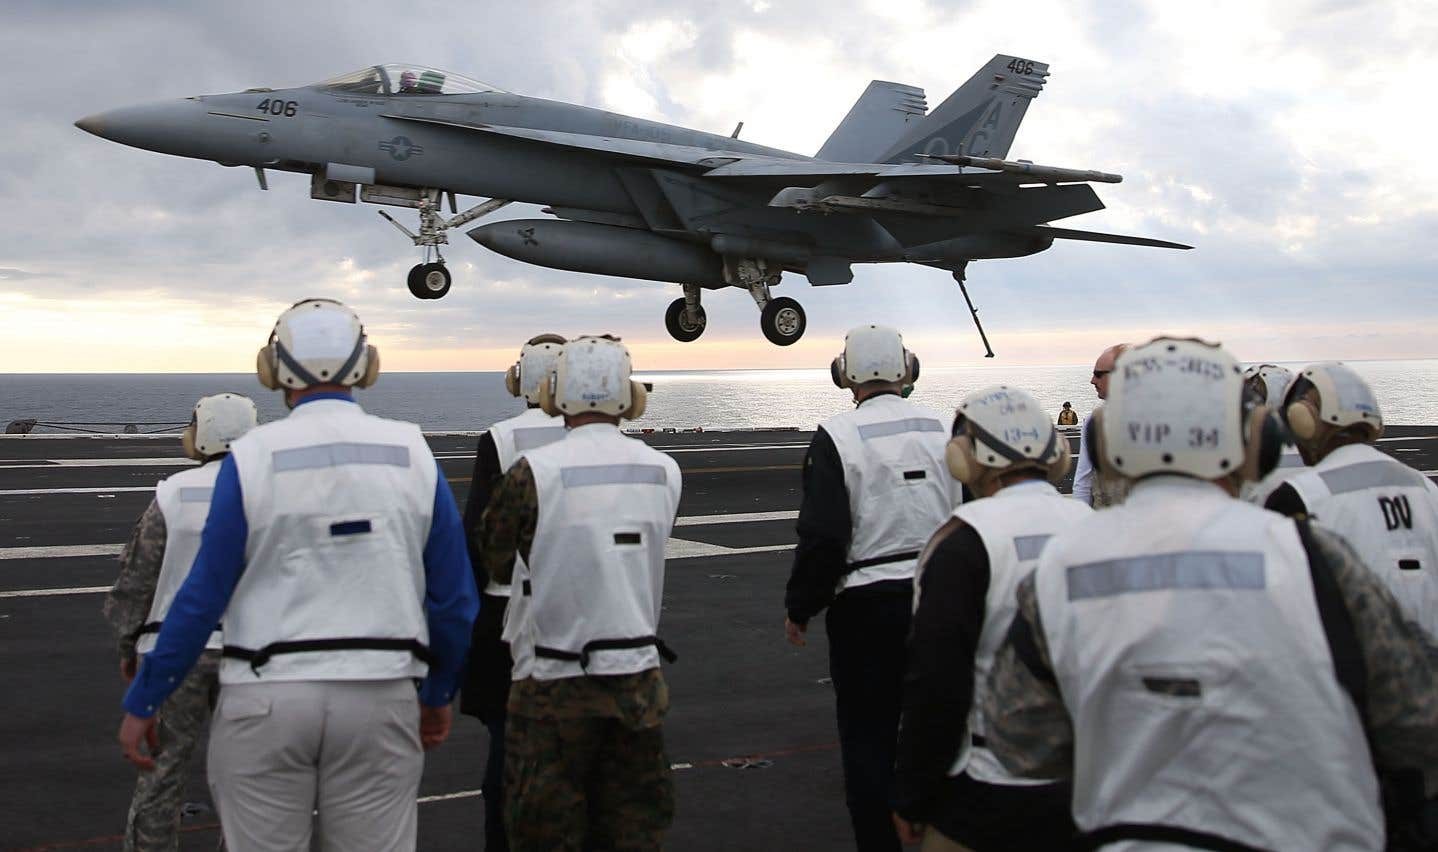 Le gouvernement fédéral a dévoilé jeudi la liste des fournisseurs qui pourront obtenir le contrat pour fabriquer 88 appareils qui remplaceront les vieux CF-18.